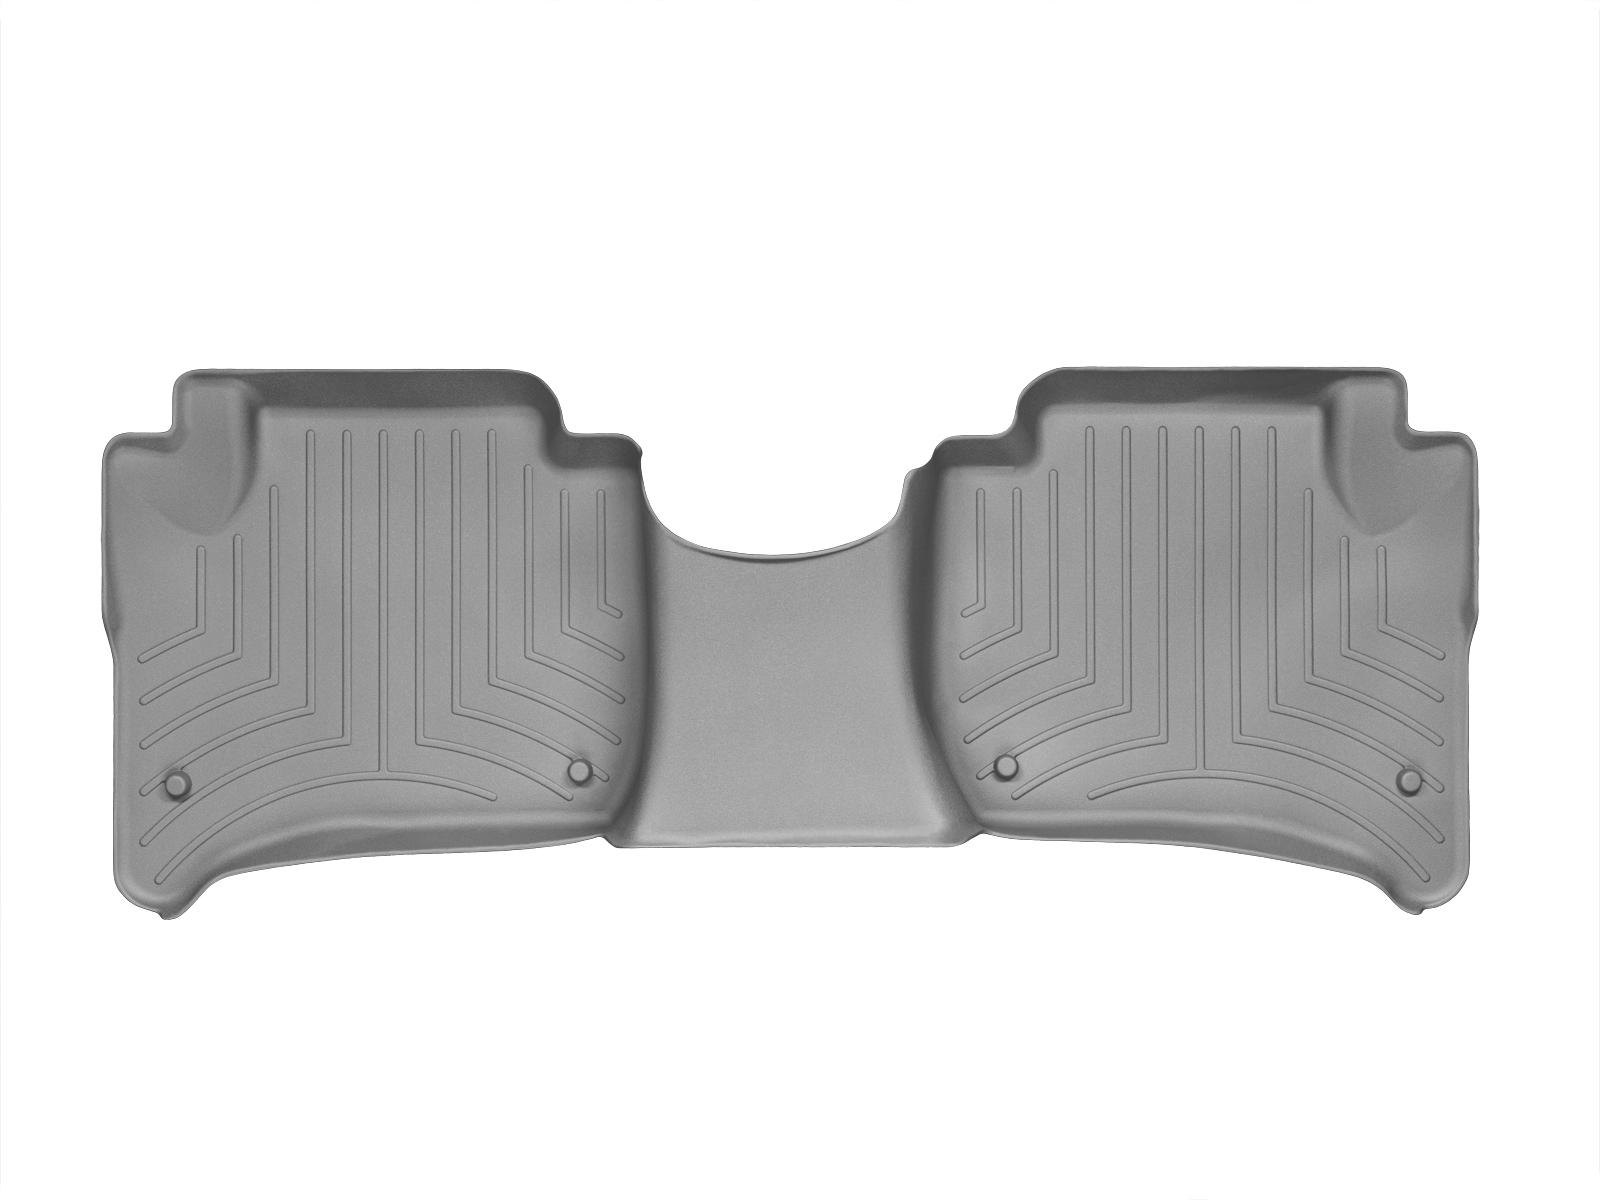 Tappeti gomma su misura bordo alto Volkswagen Touareg 10>10 Grigio A4313*